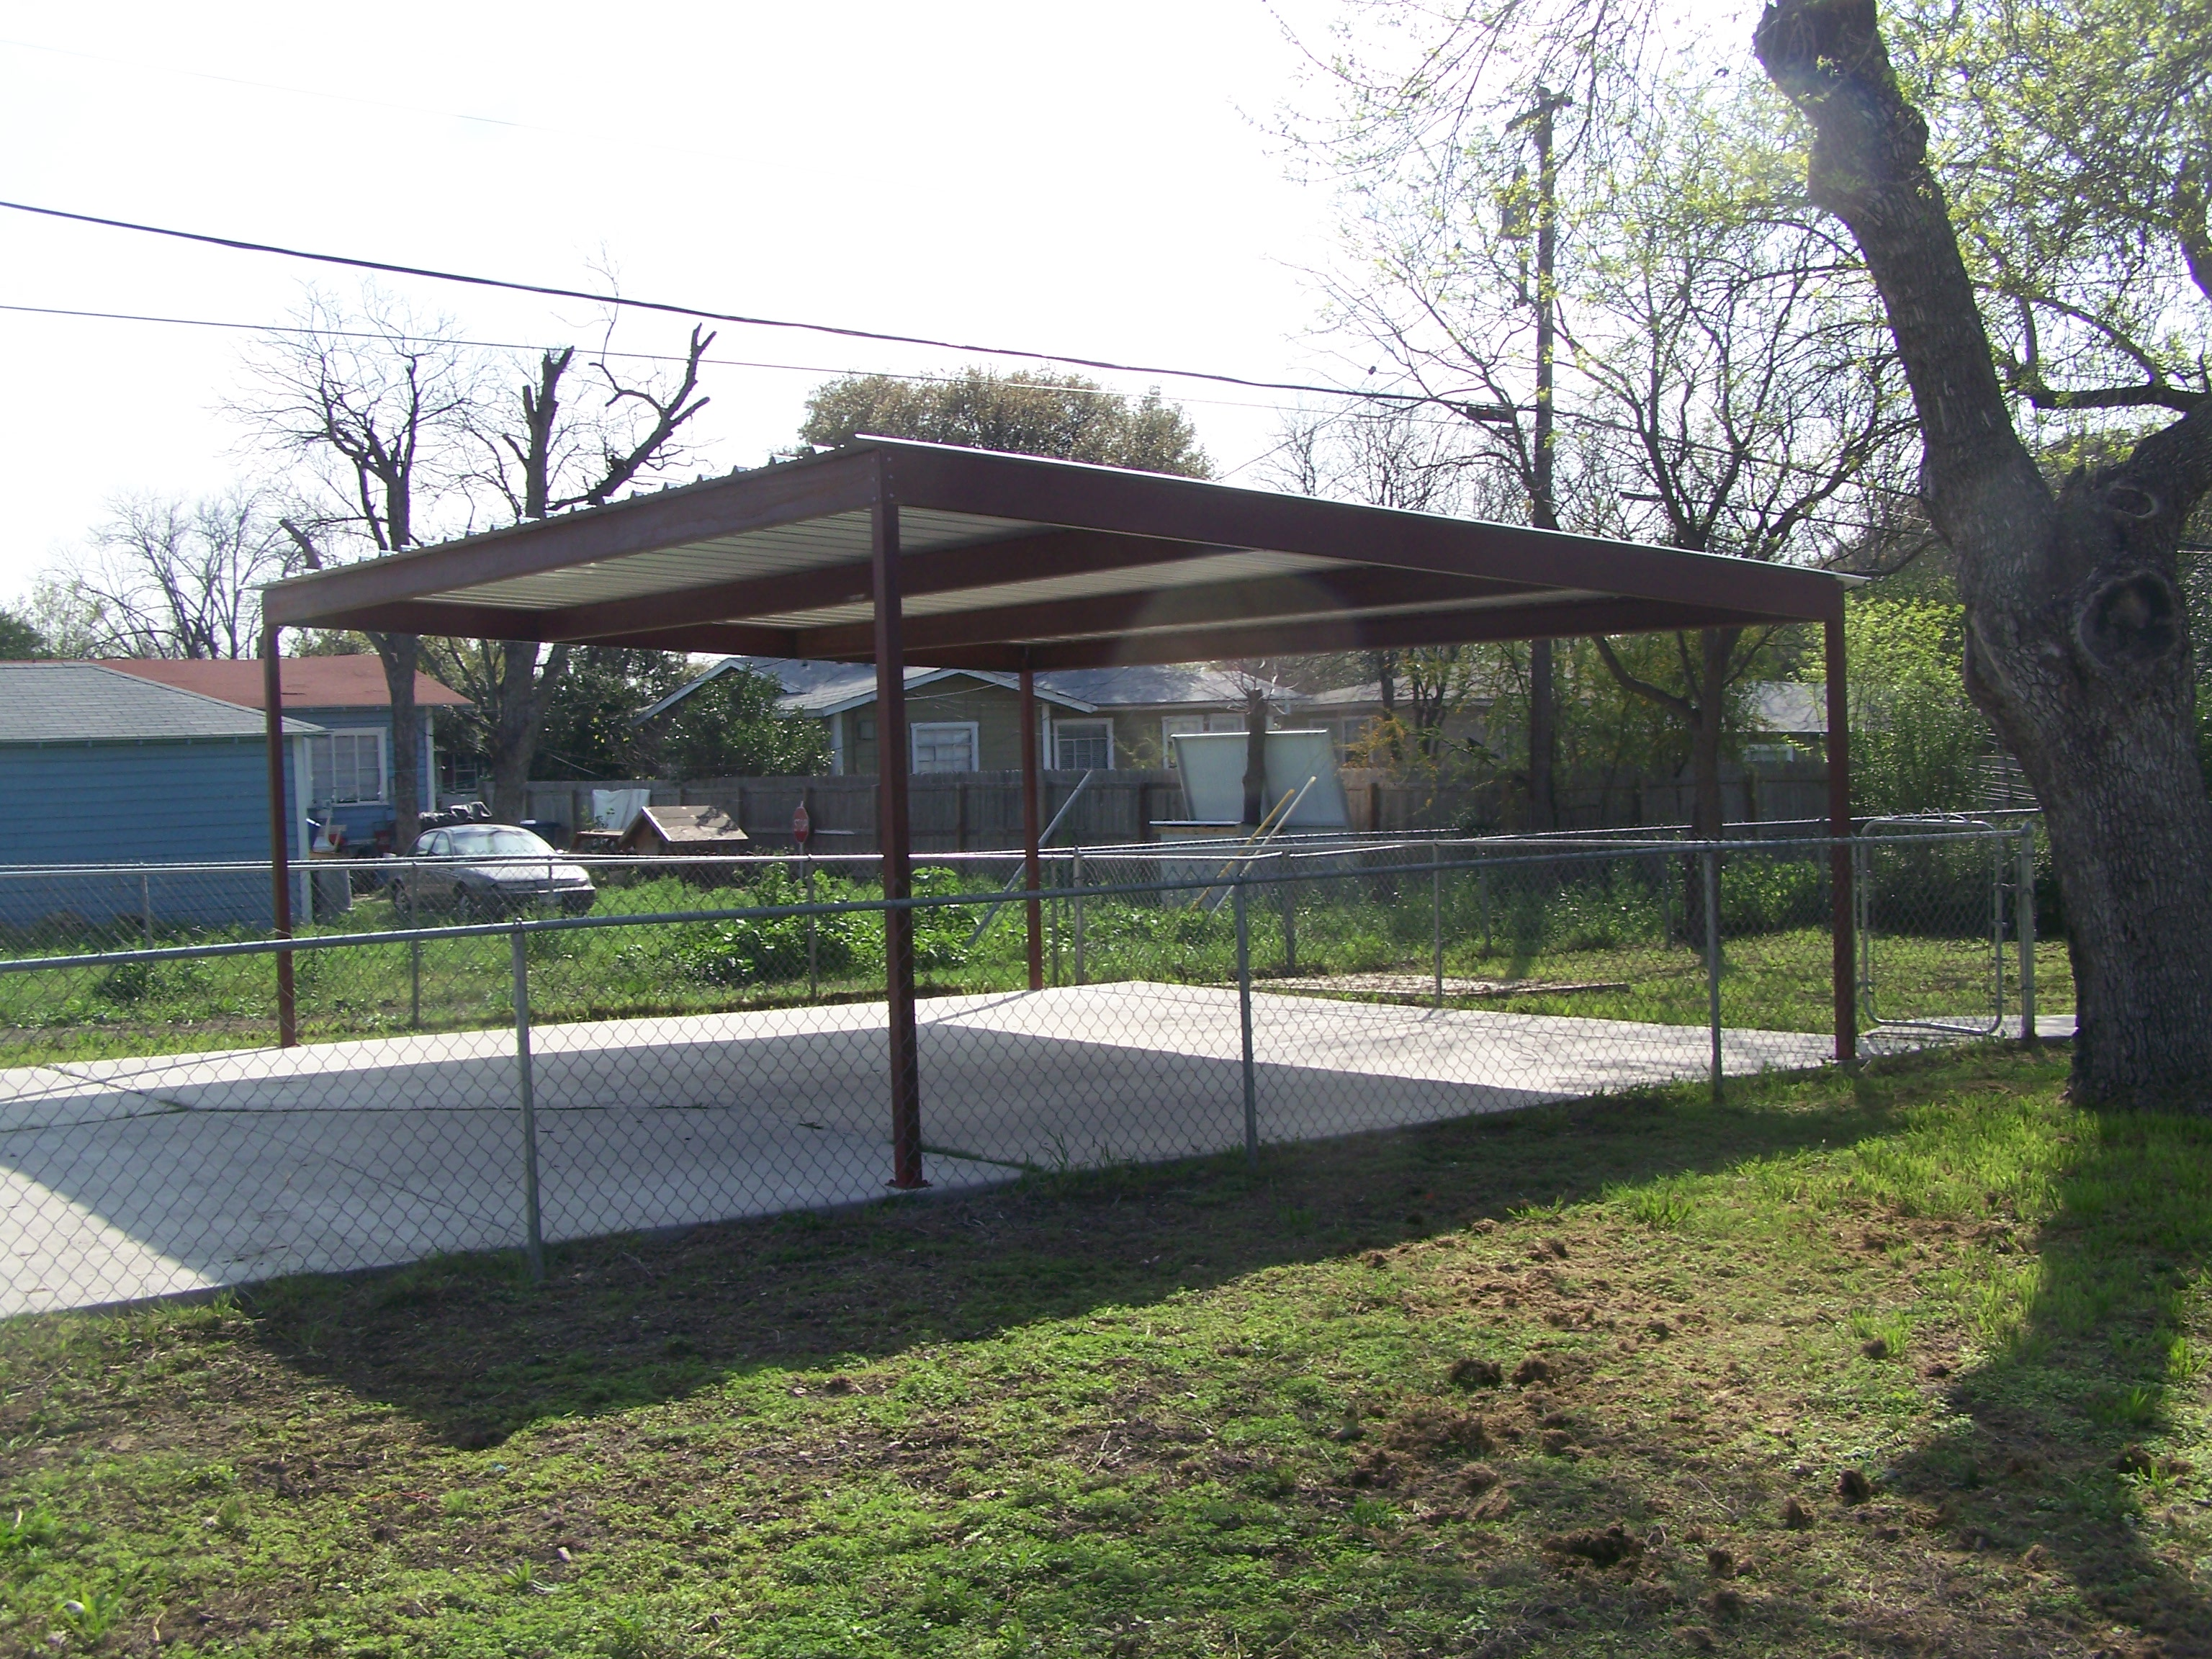 Metal Carports And Patios : Metal two car carport north central san antonio